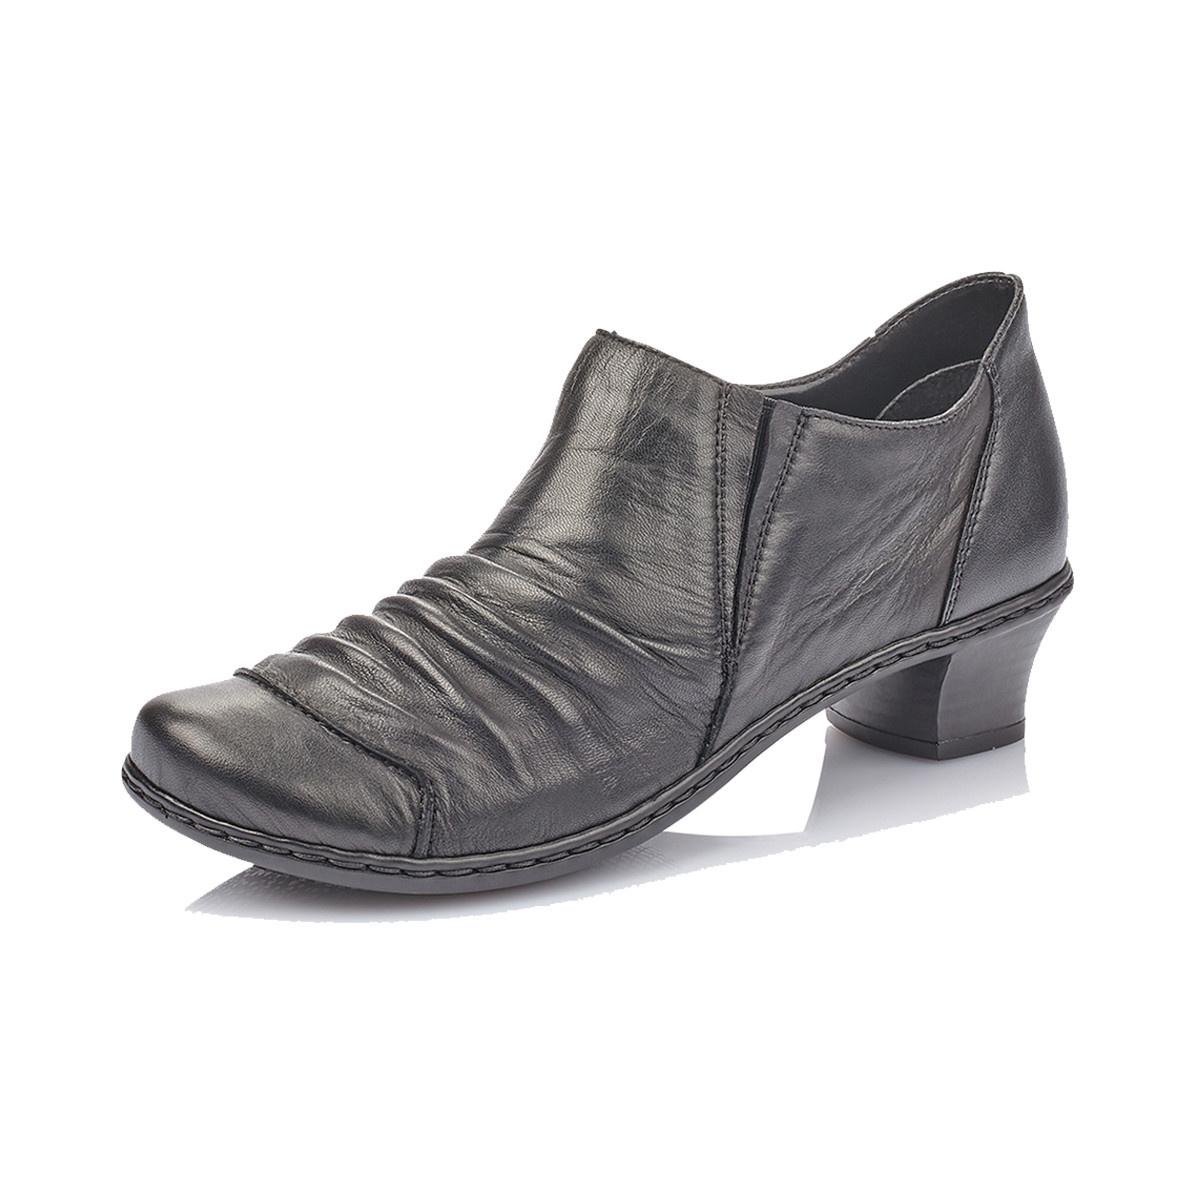 Rieker Rieker Women's Bootie 52180-00 Black